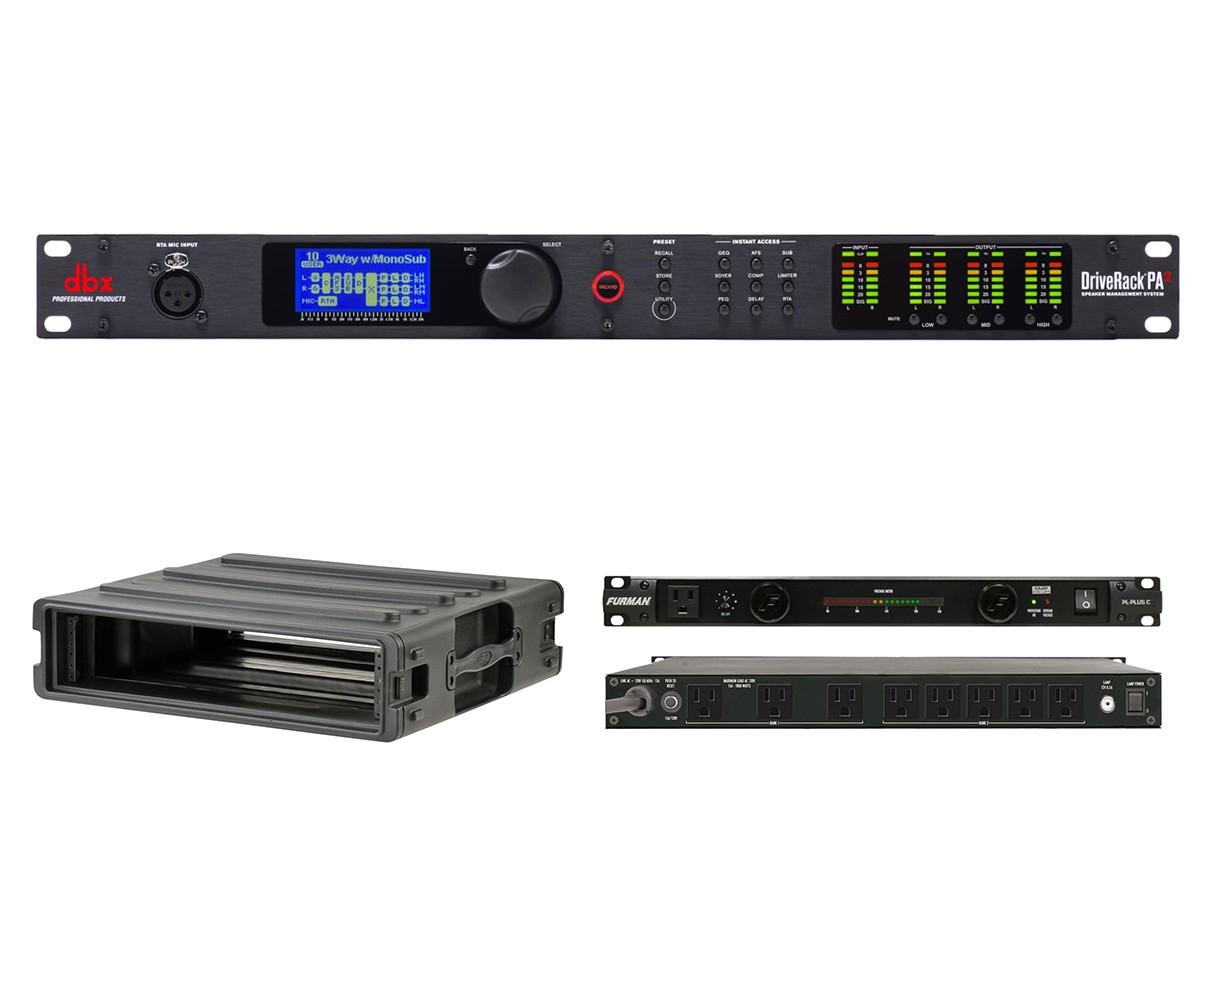 dbx DriveRack PA2 + SKB 1SKB-R2U + Furman PL-Plus C